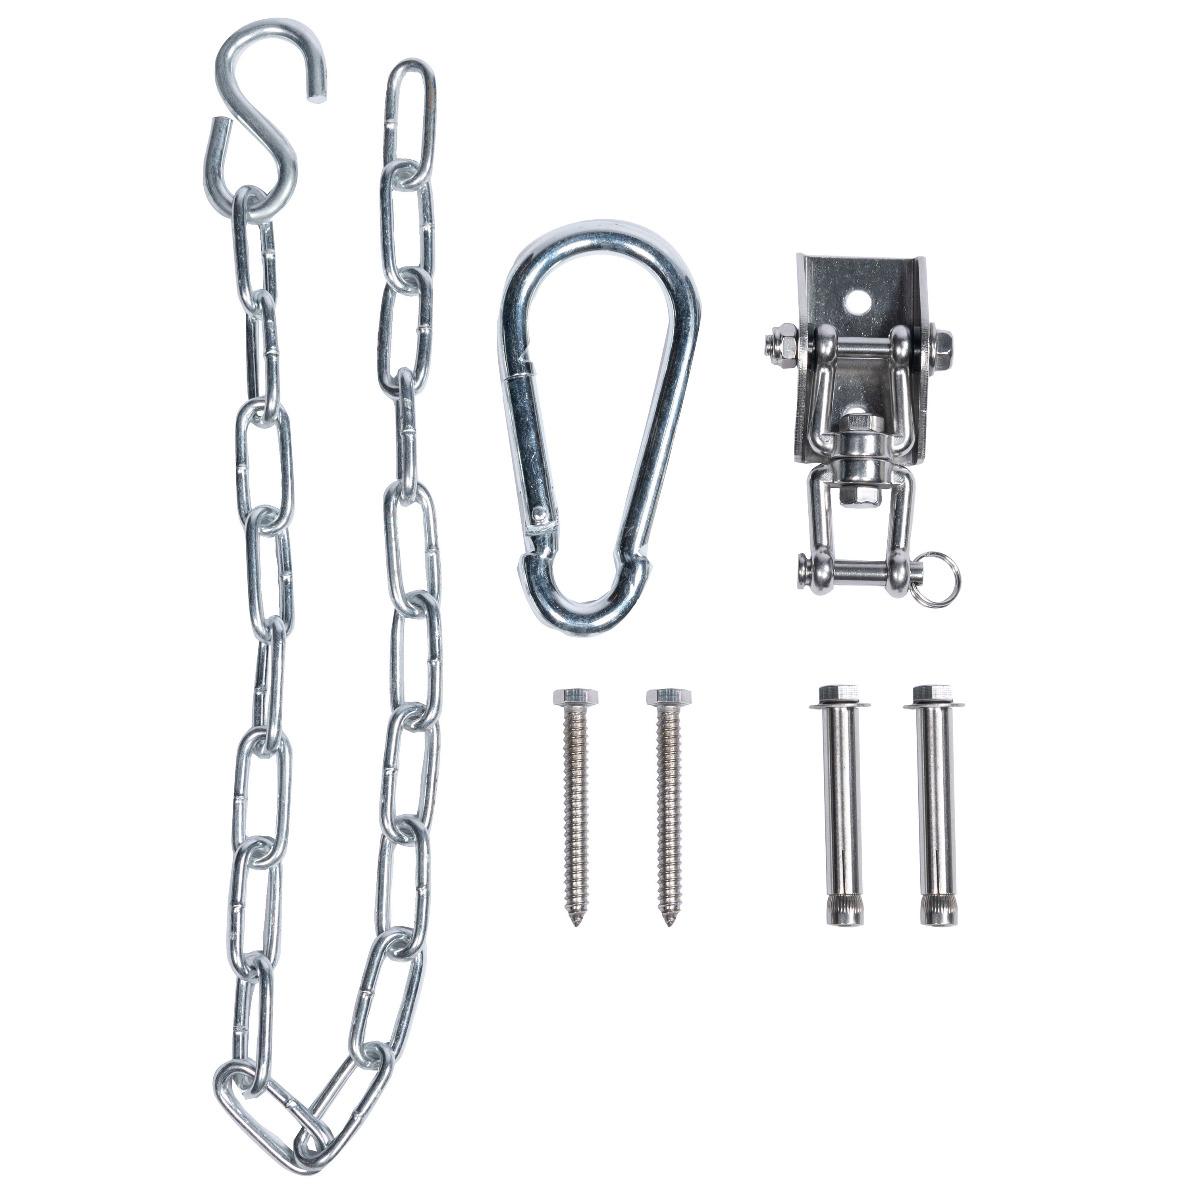 '360' Comfort Hangstoelophanging - Metaal - Tropilex ®